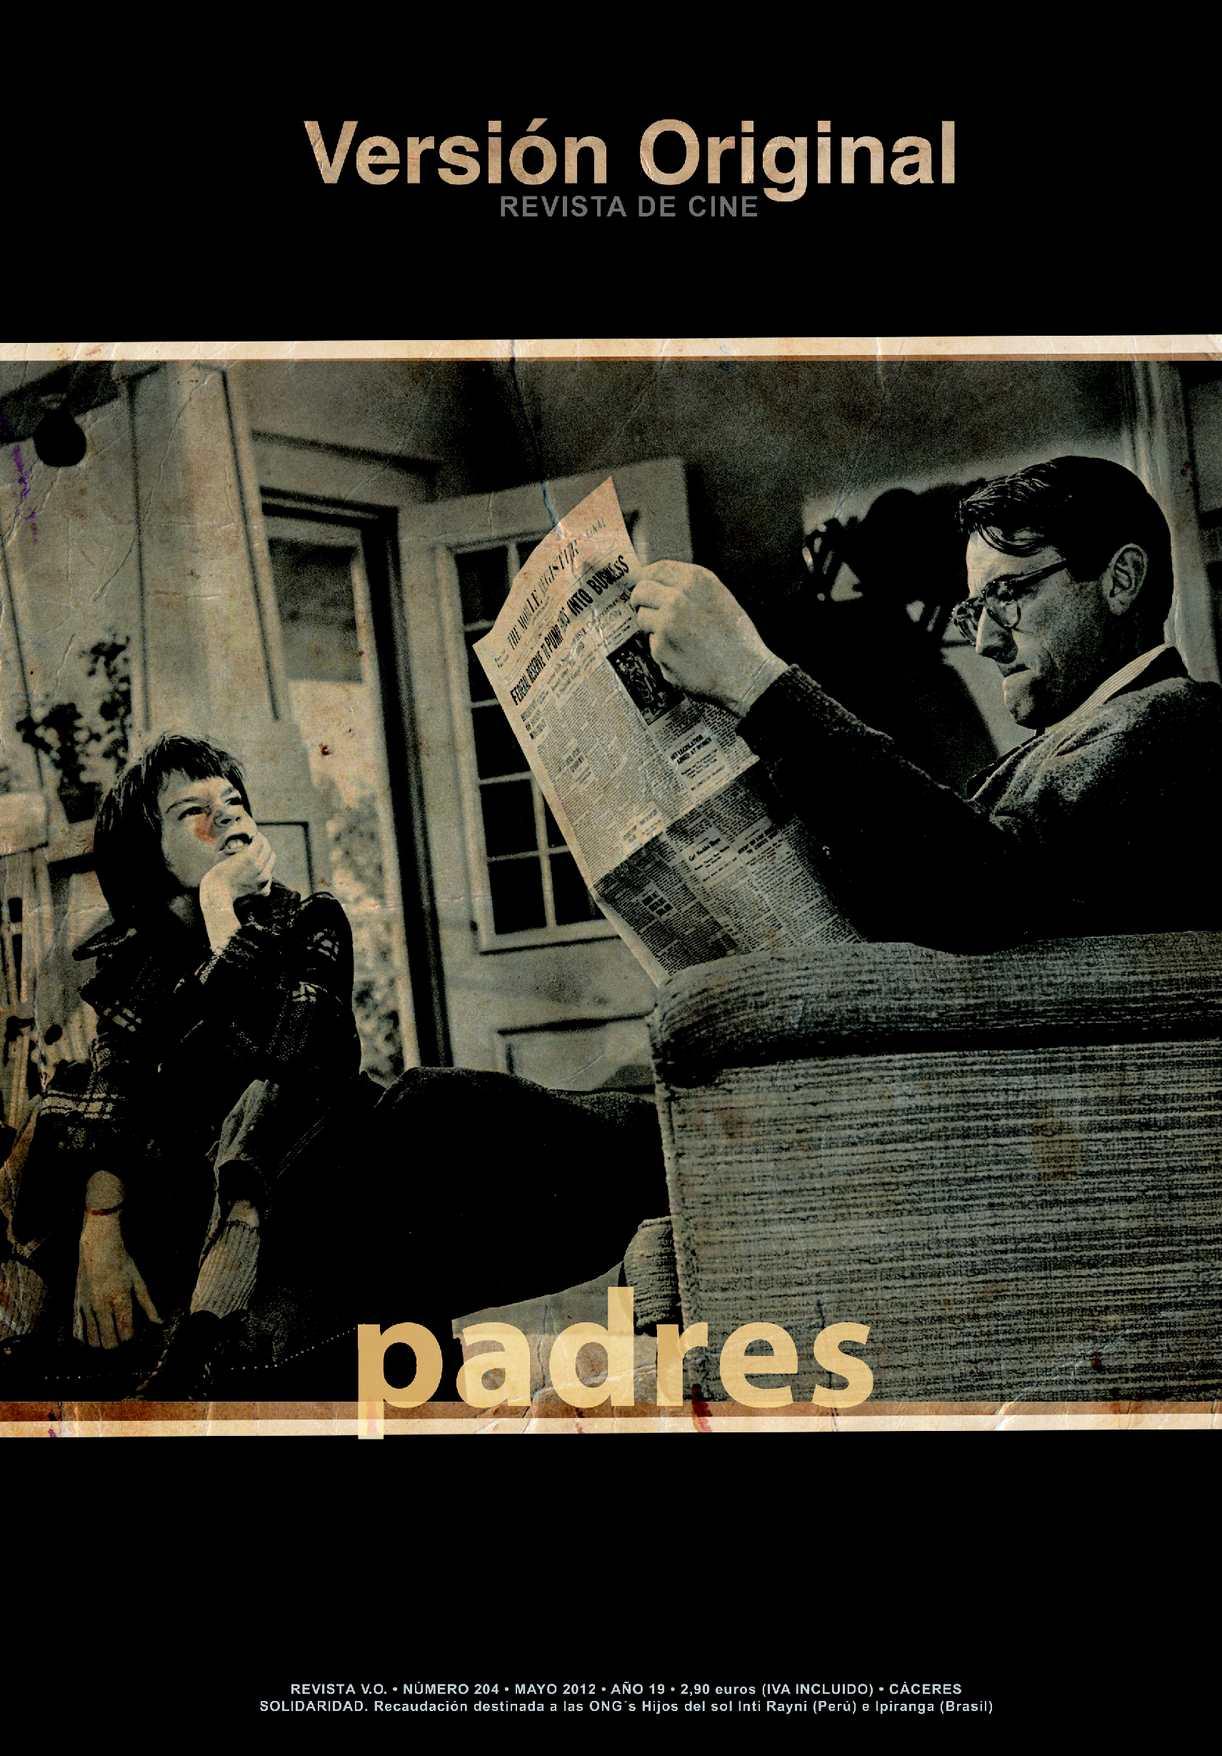 Revista de Cine Versión Original 204. PADRES